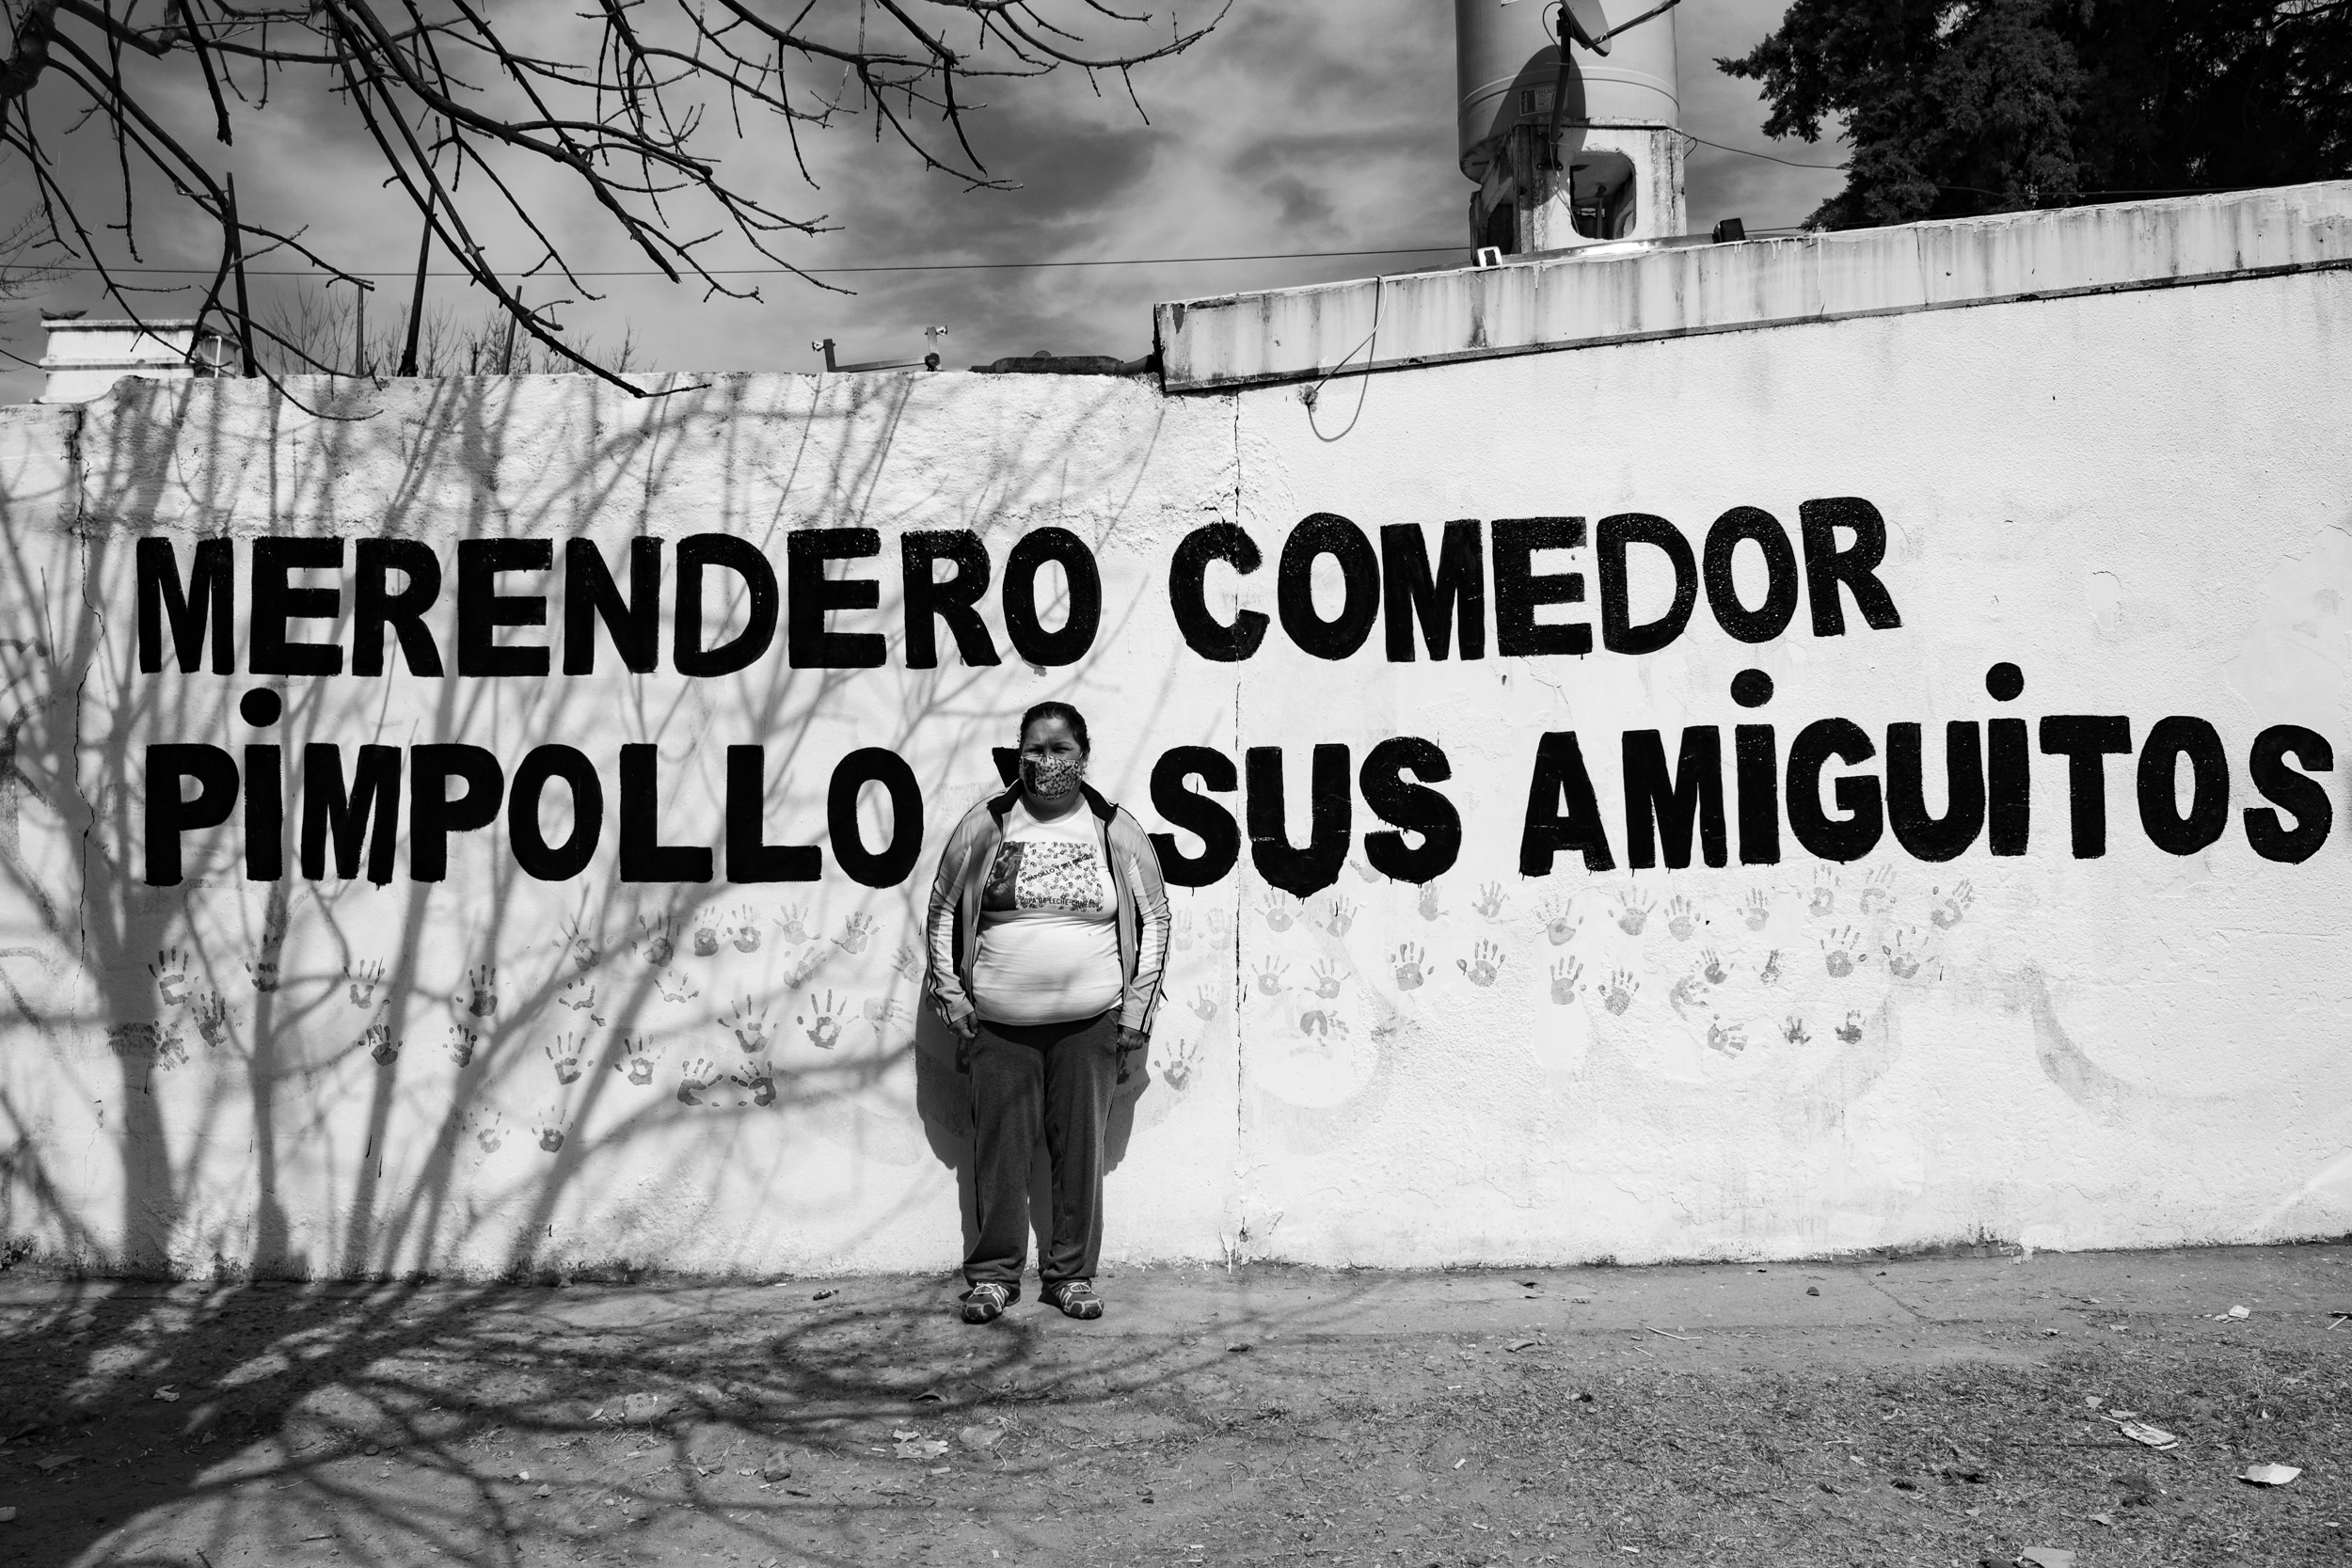 fotogalería-Merendero-Pimpollo-Brian-Waiman-Barrio-Ejército-Argentino-Gatillo-fácil-2